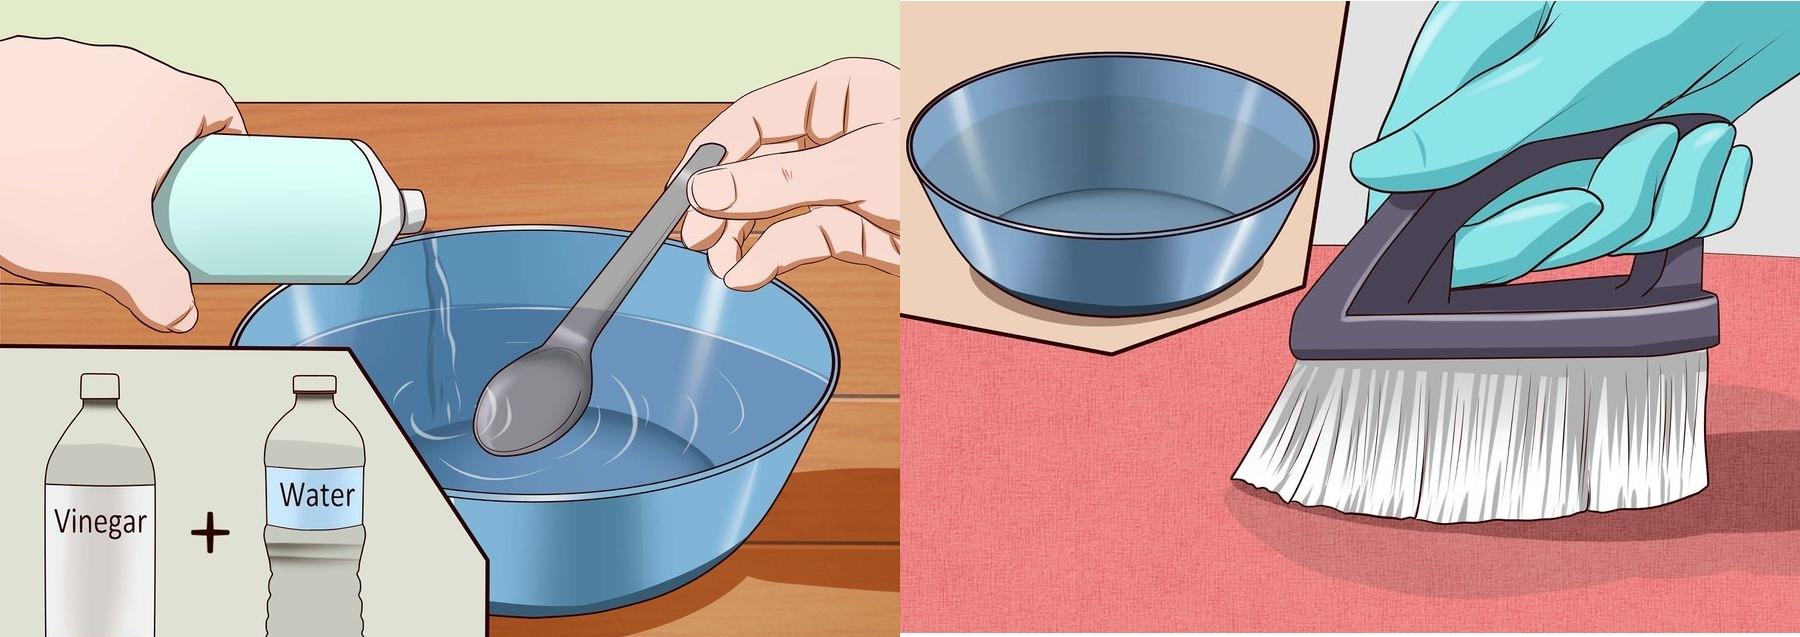 Как сделать выпрямитель на 12 вольт своими руками